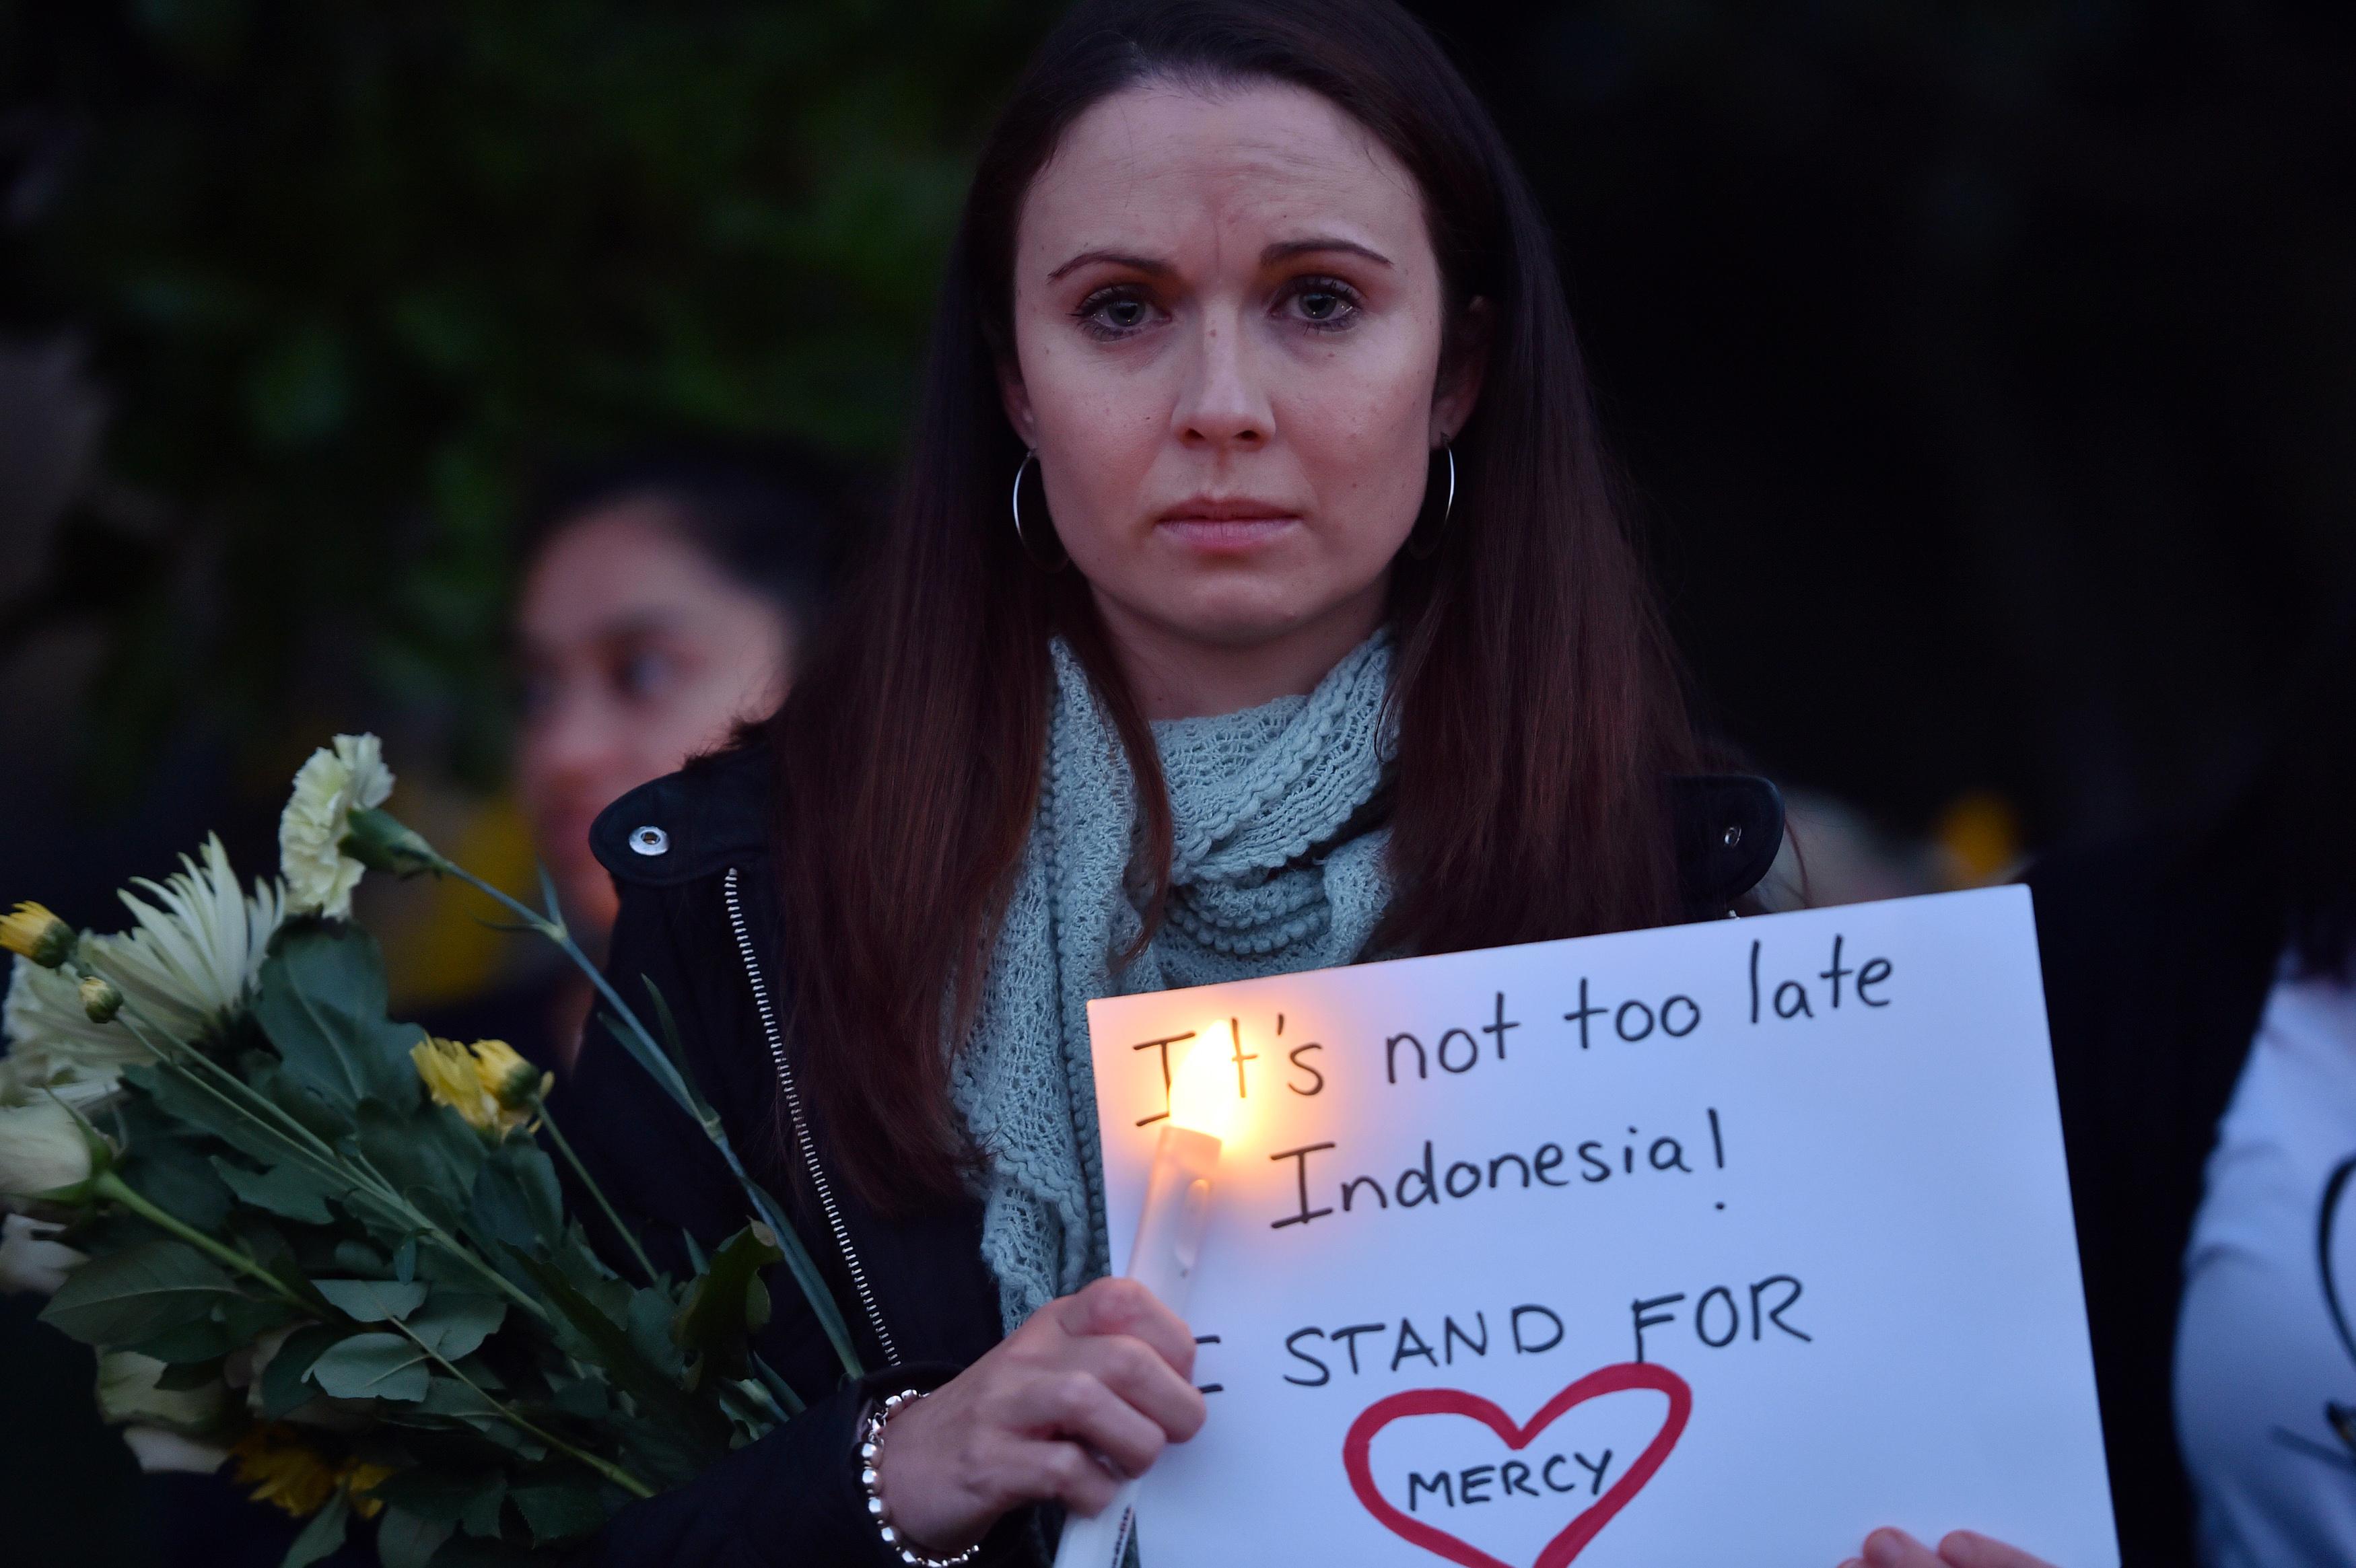 Camp de réfugiés offshore: les accusations d'Amnesty sont fausses, dit Canberra